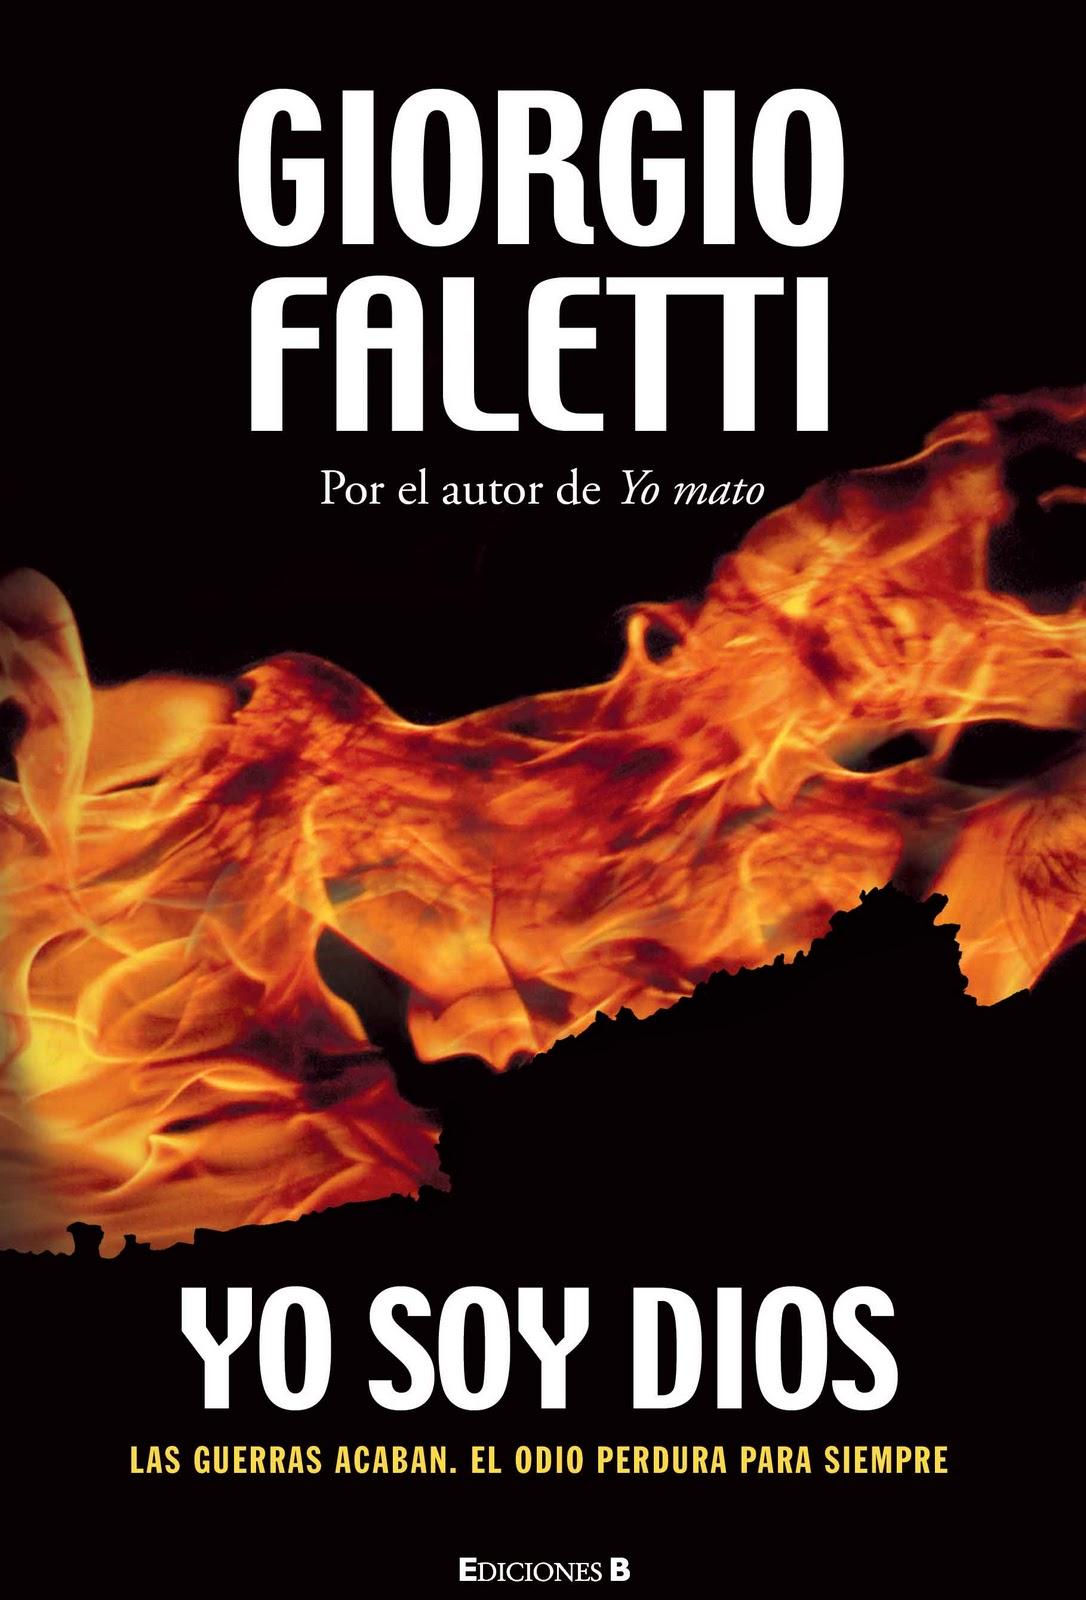 Yo soy Dios-Giorgio Faletti y 10 libros mas muy buenos entra